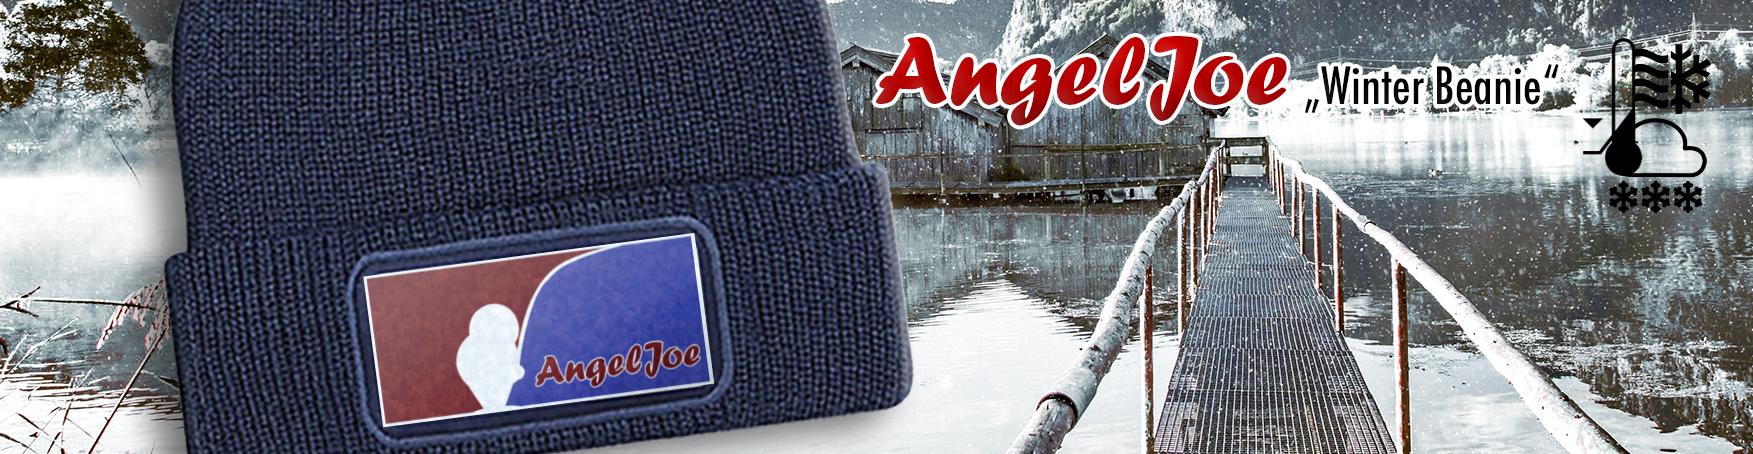 AngelJoe Winter Beanie Mütze Wollmüzte